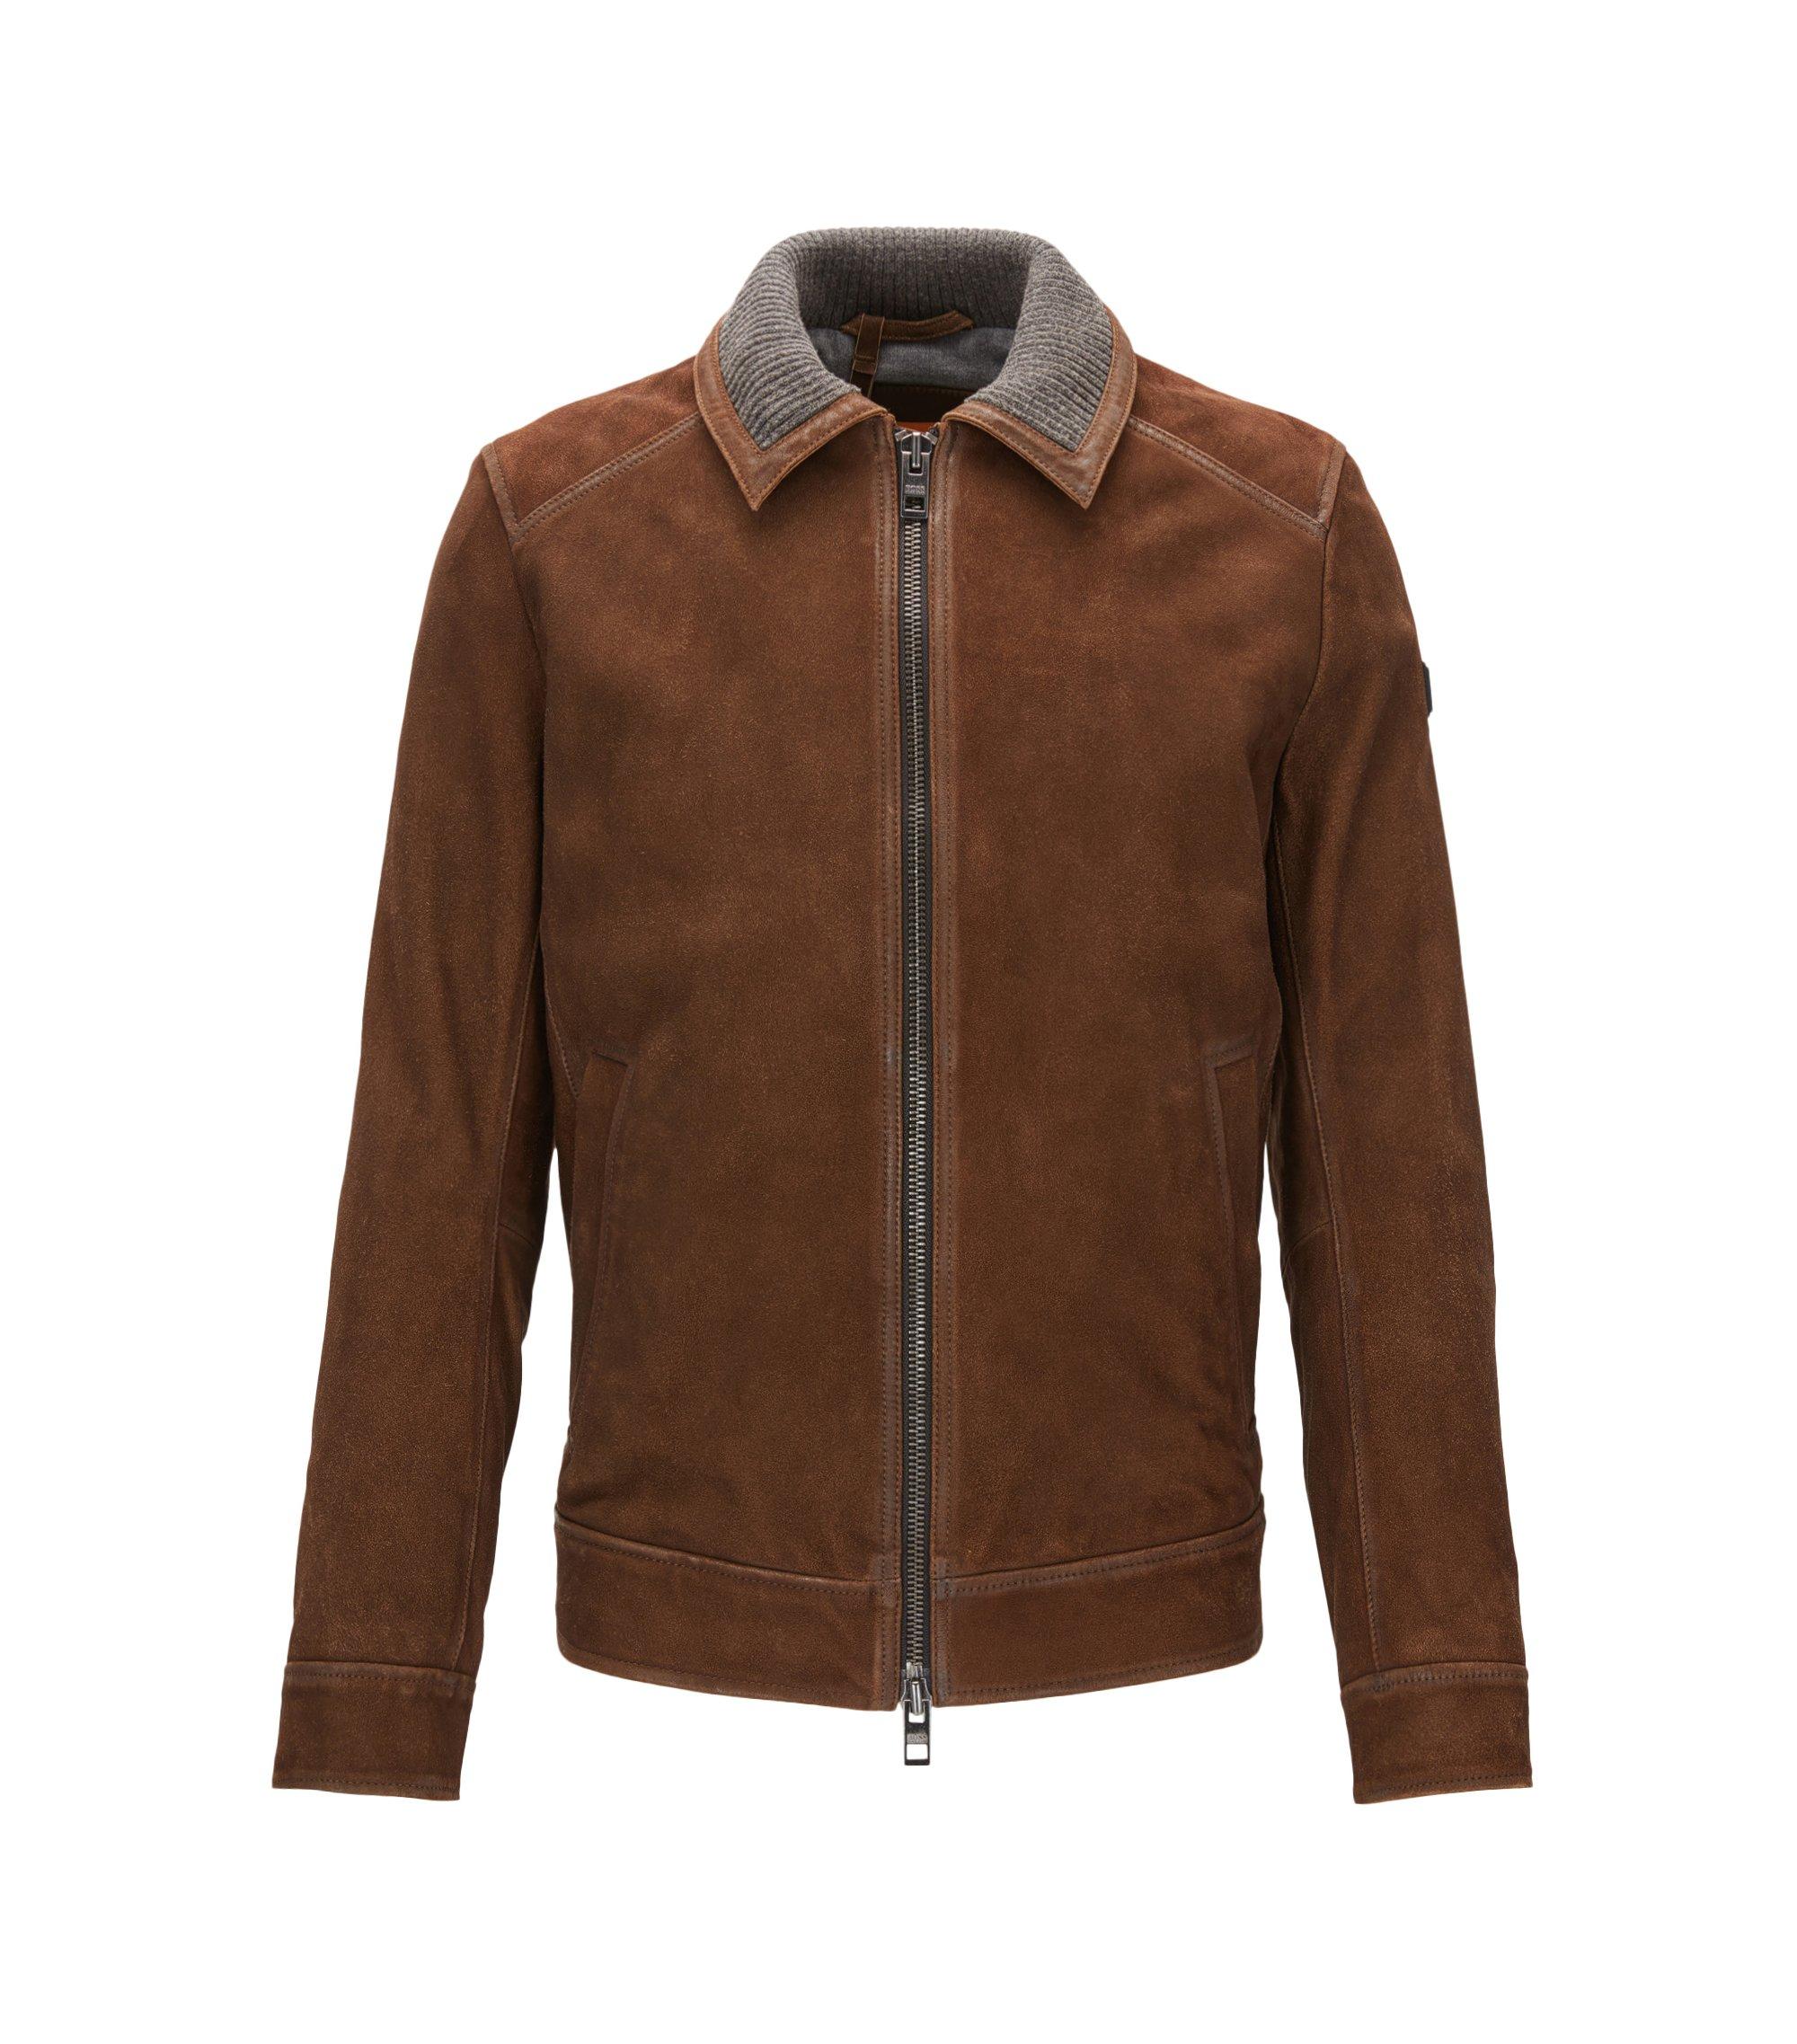 Goat Suede Leather Jacket   Jacien, Beige